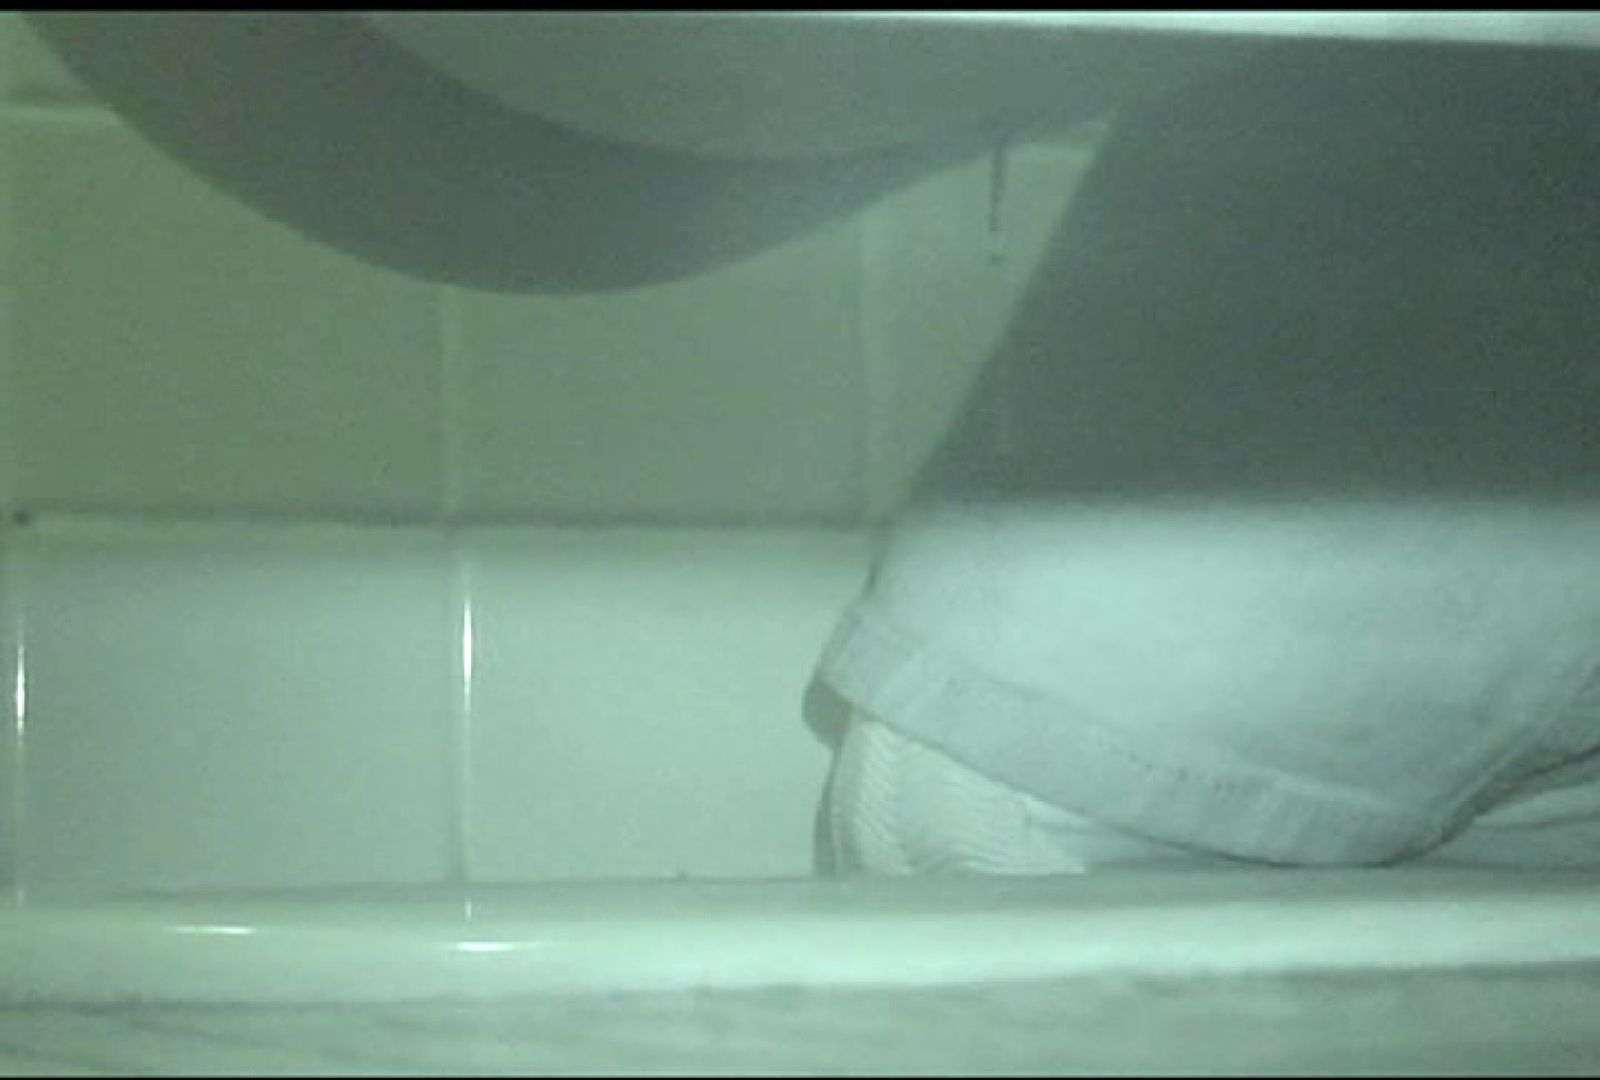 マンコ丸見え女子洗面所Vol.48 洗面所突入 オマンコ無修正動画無料 73pic 46